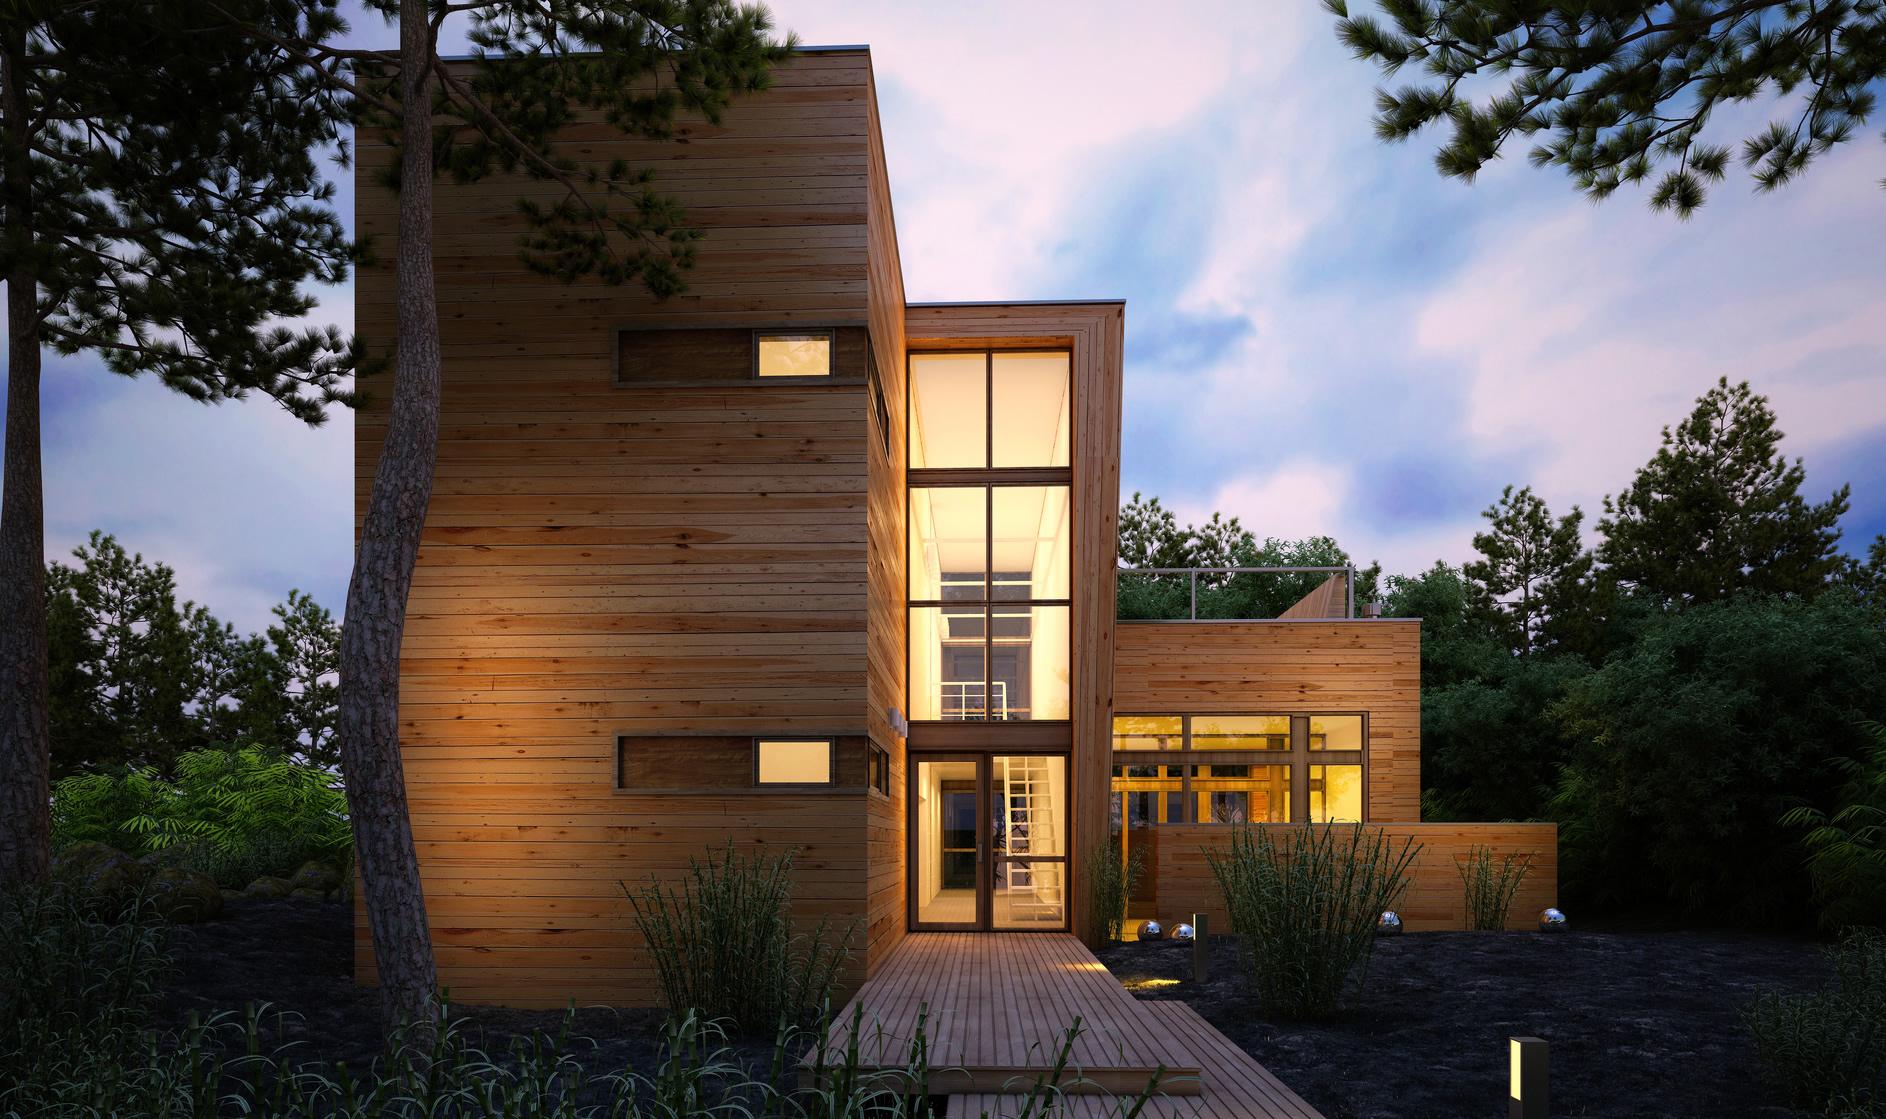 外構工事・エクステリア・デザイン・ガーデニング・造園・剪定・屋上緑化 グランクス